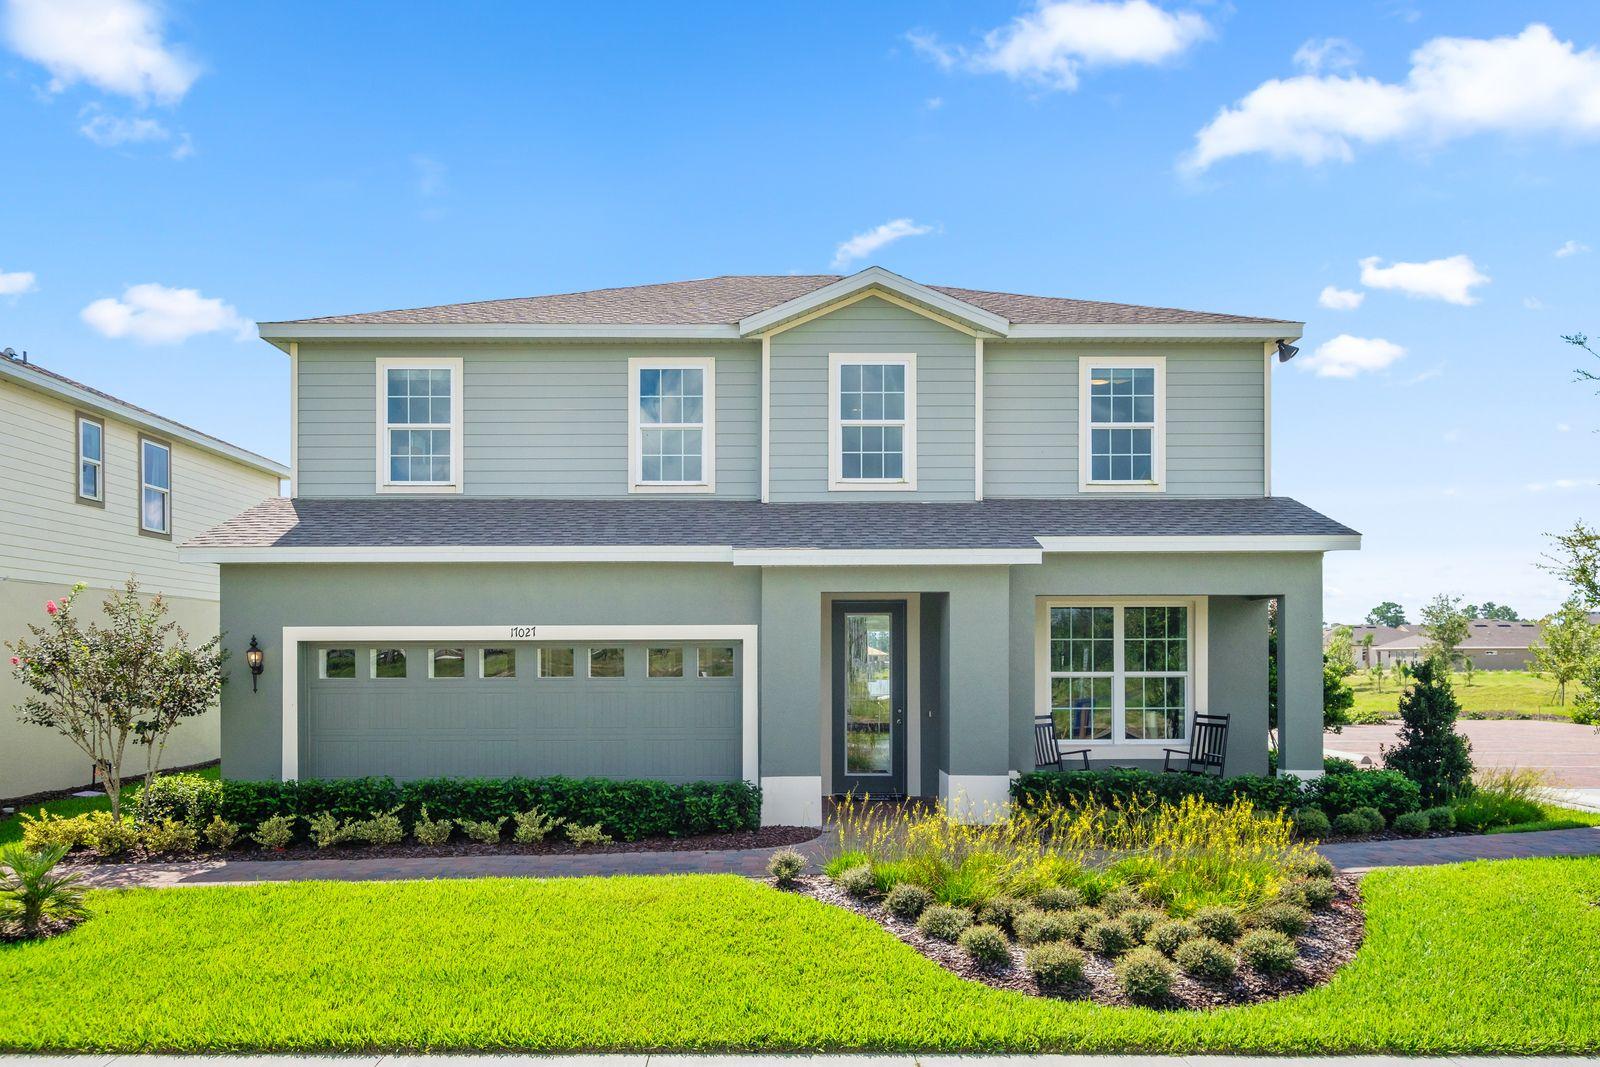 Photo of Kensington Reserve in Sanford, FL 32773